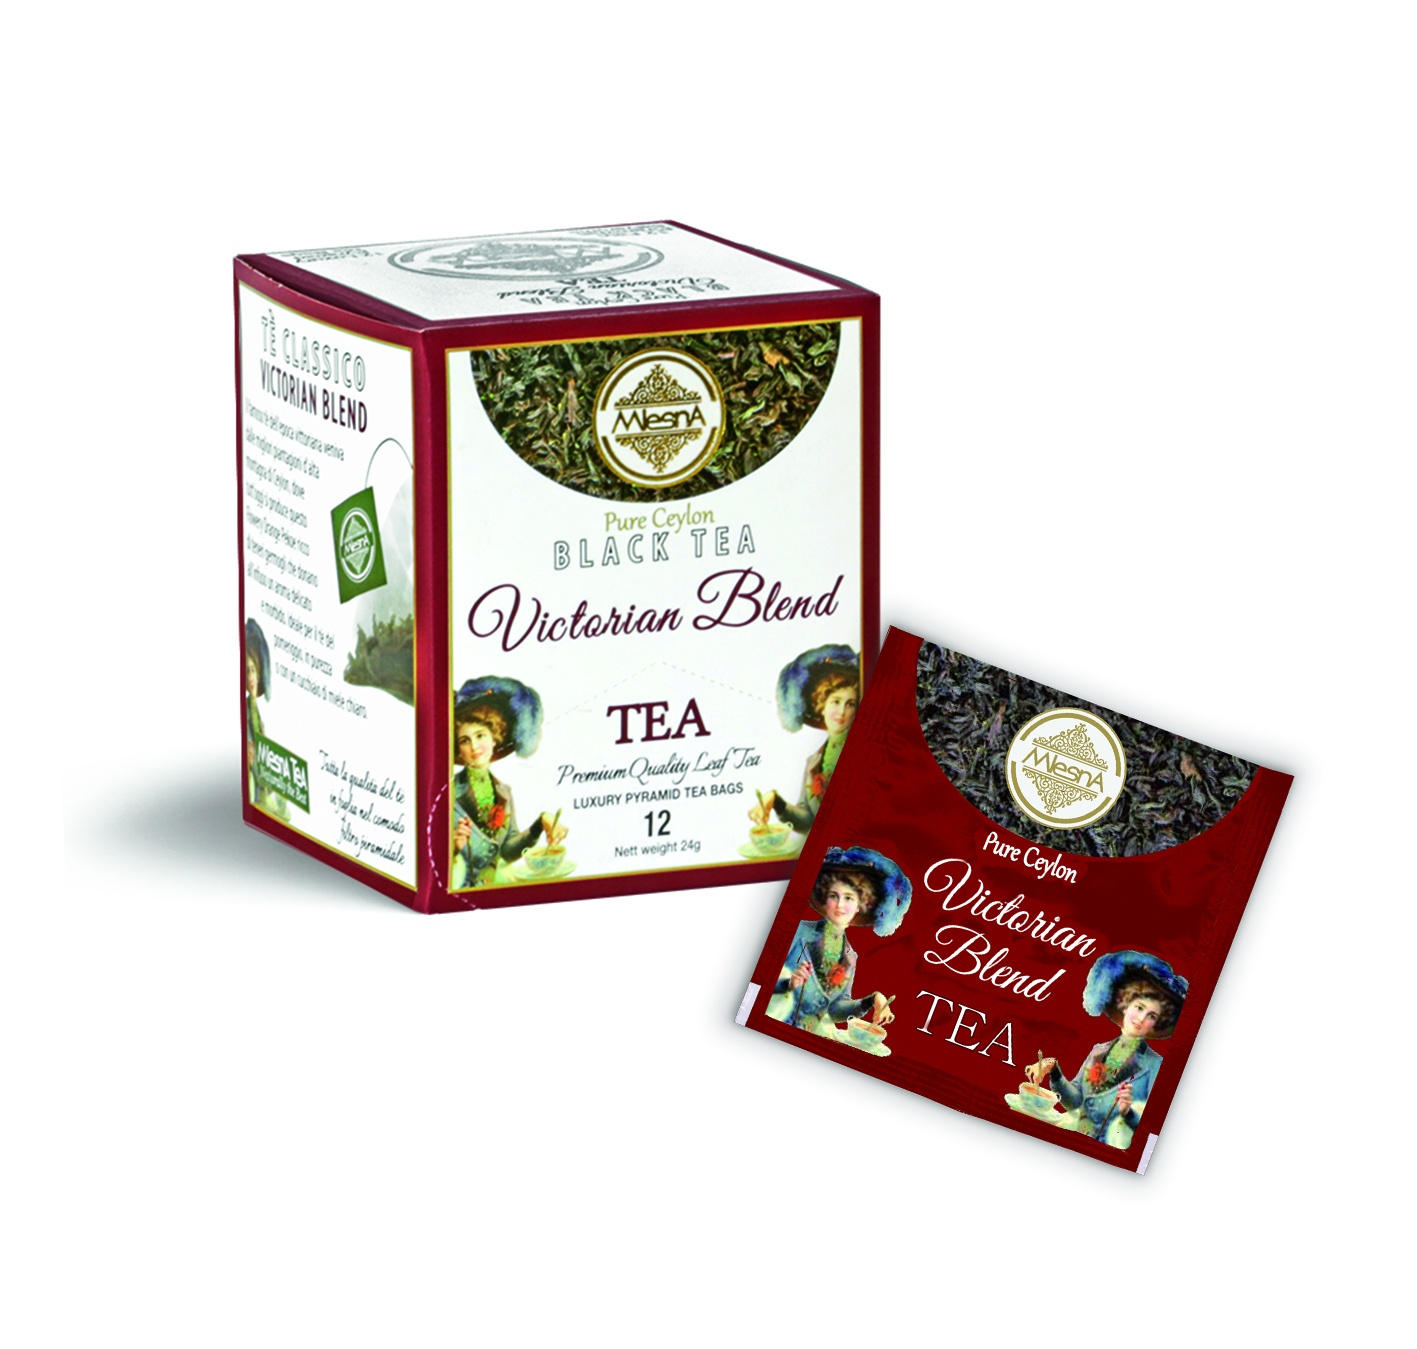 Čaje Mlesna Victorian - černý čaj - pyramida MLESNA (Ceylon) Ltd. pravý čaj z Cejlonu